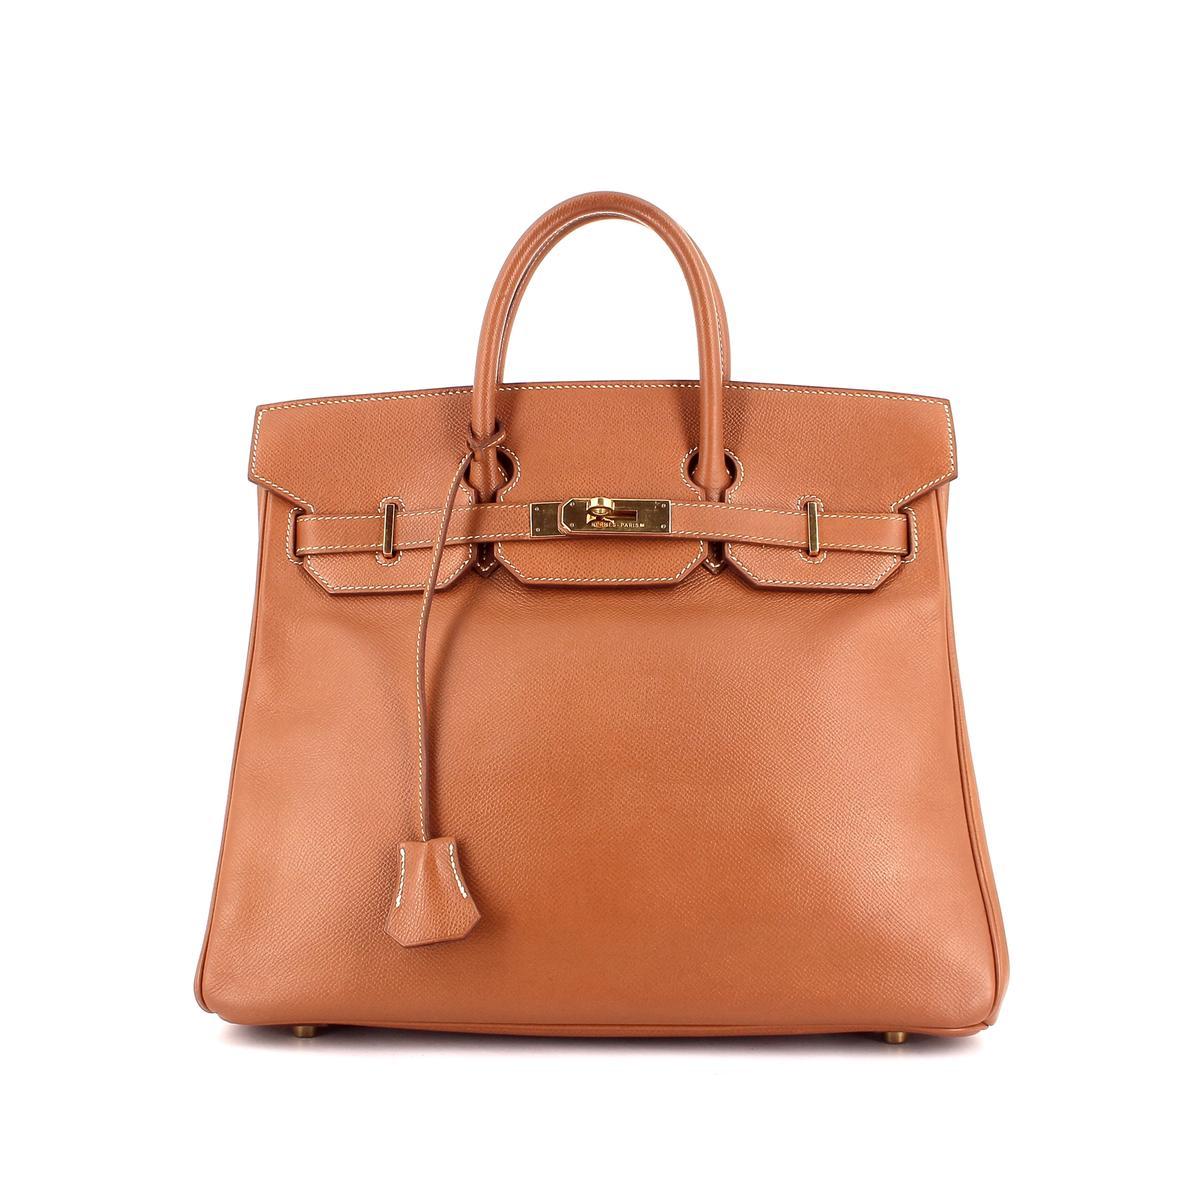 26764101d9ac Le Haut à courroies d Hermès   le sac qui lança la marque au galop - Madame  Figaro